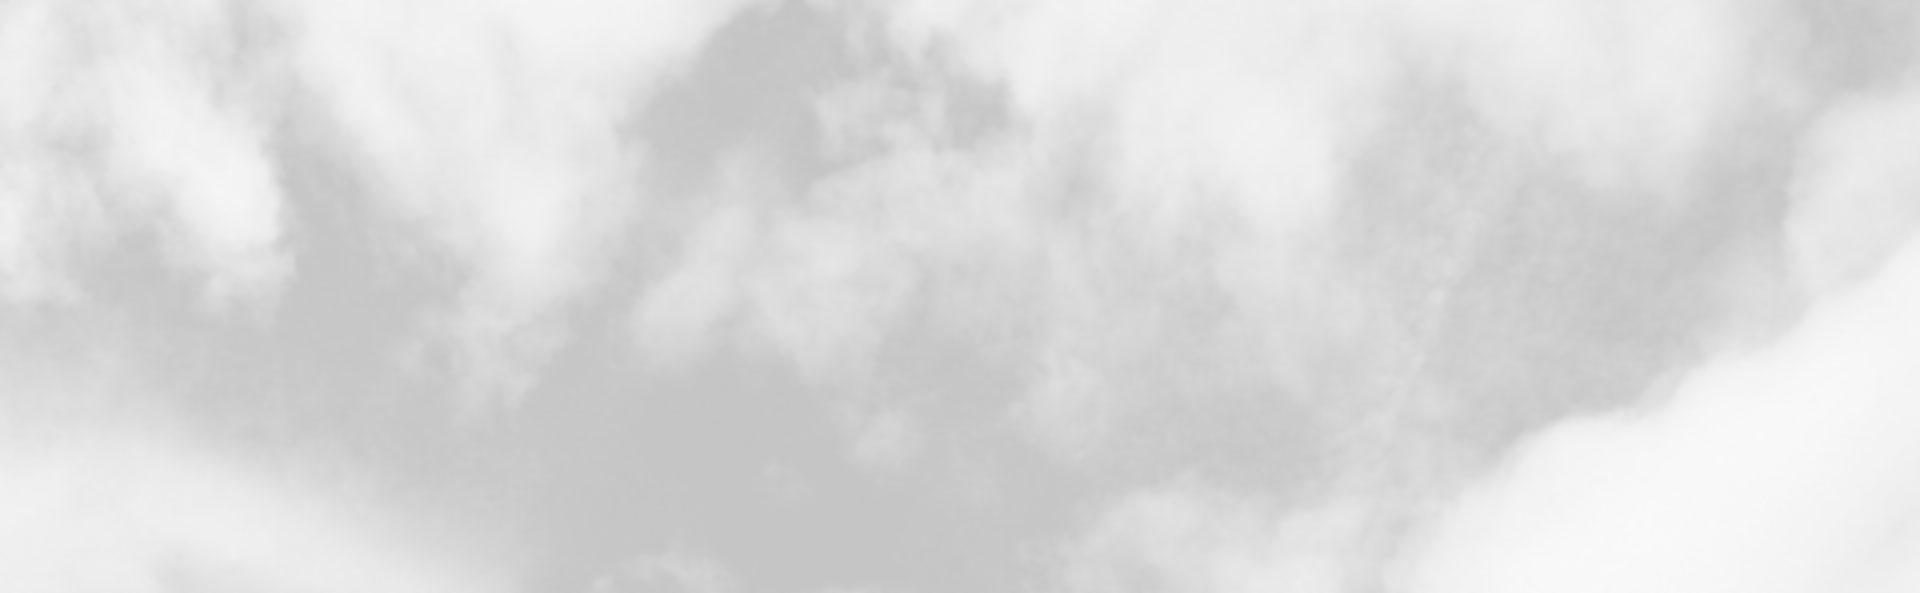 fond nuage gris